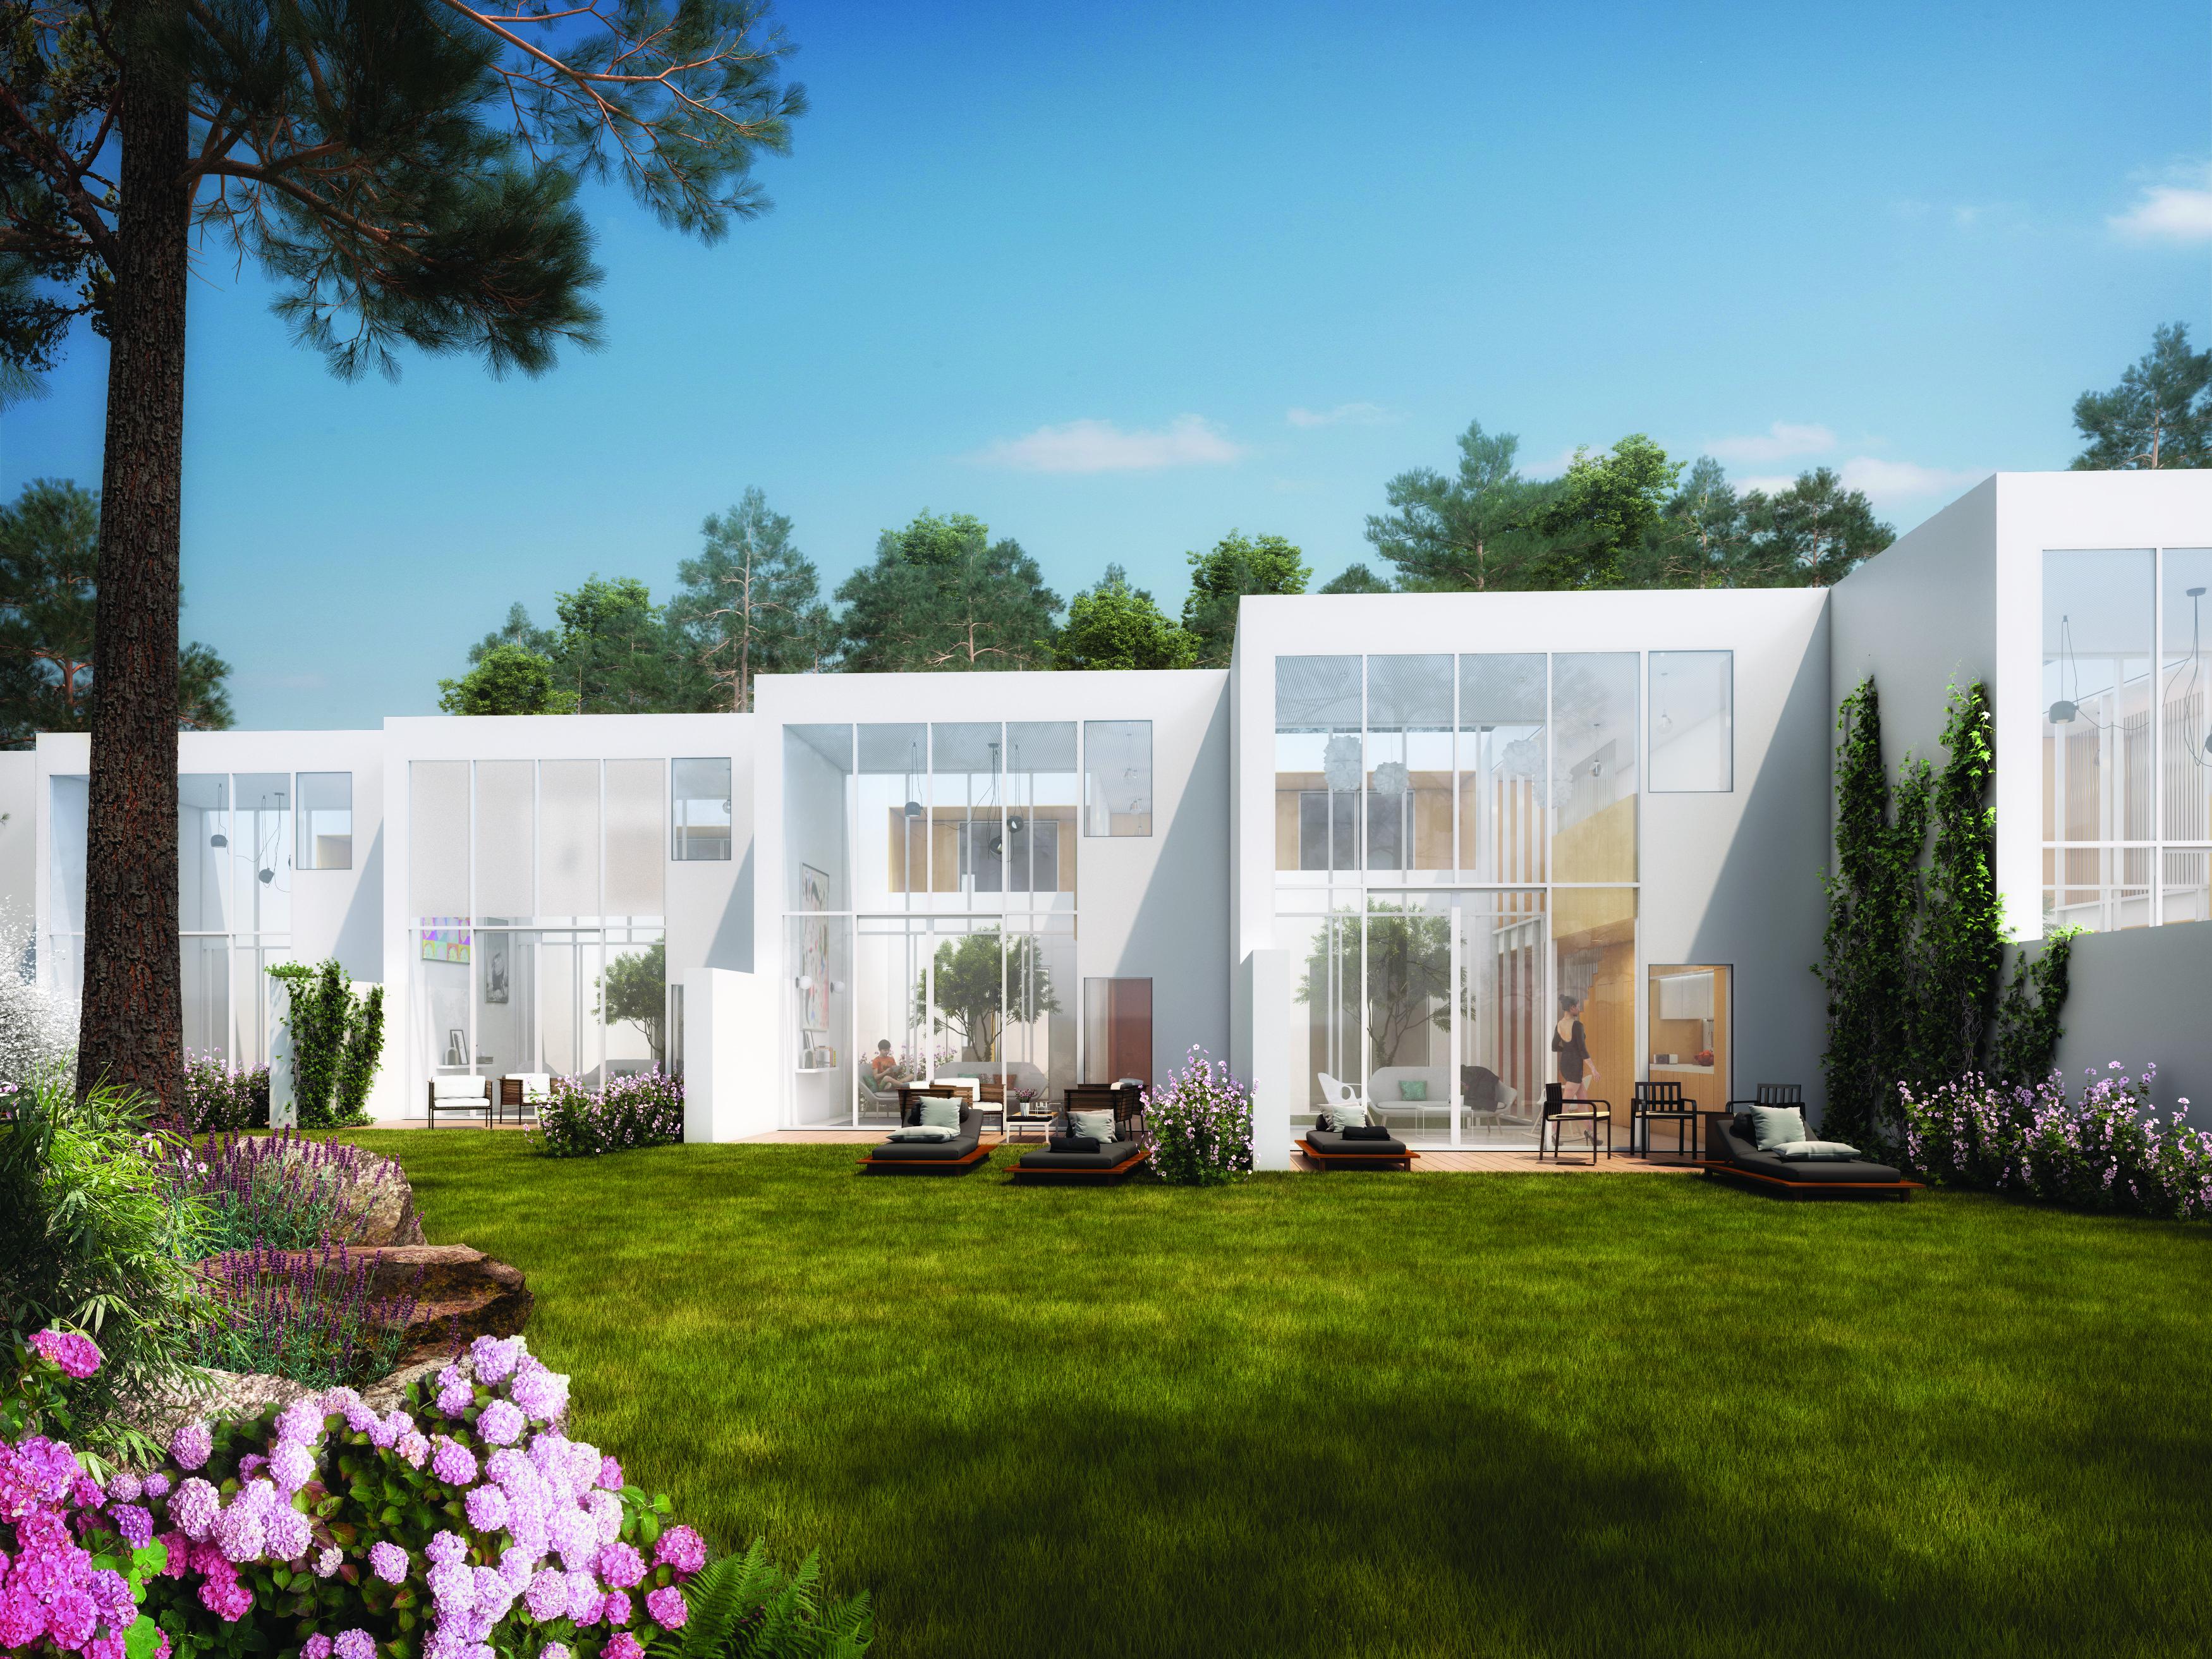 Maquete do empreendimento Central, que terá 80 villas / Vilamoura World